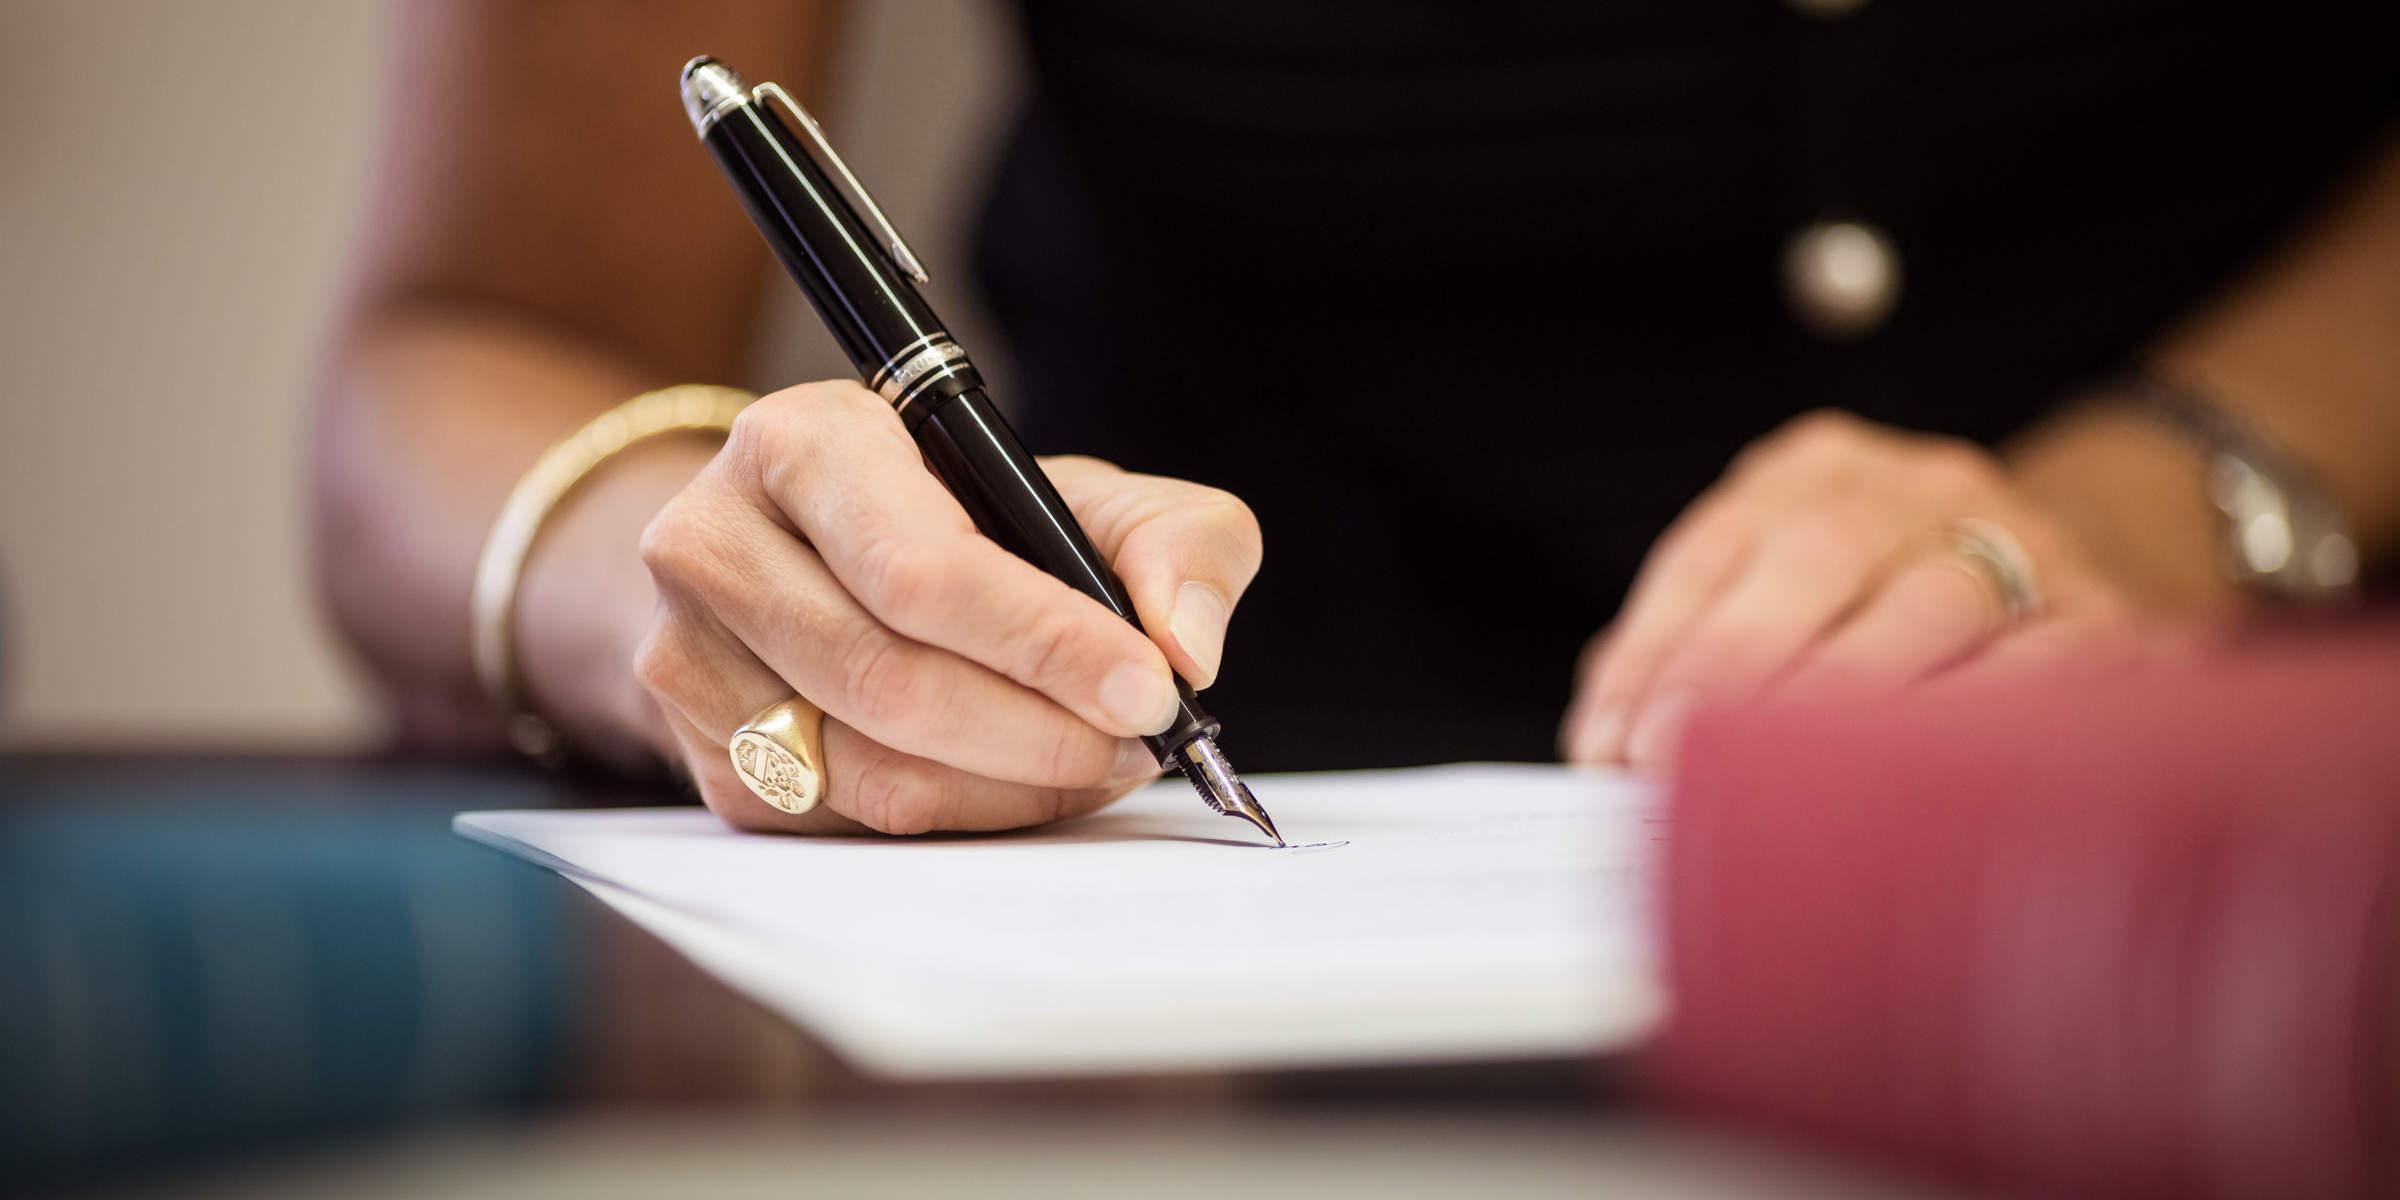 Rechtsanwältin Pagliarin verfasst ein Vertragsdokument am Schreibtisch